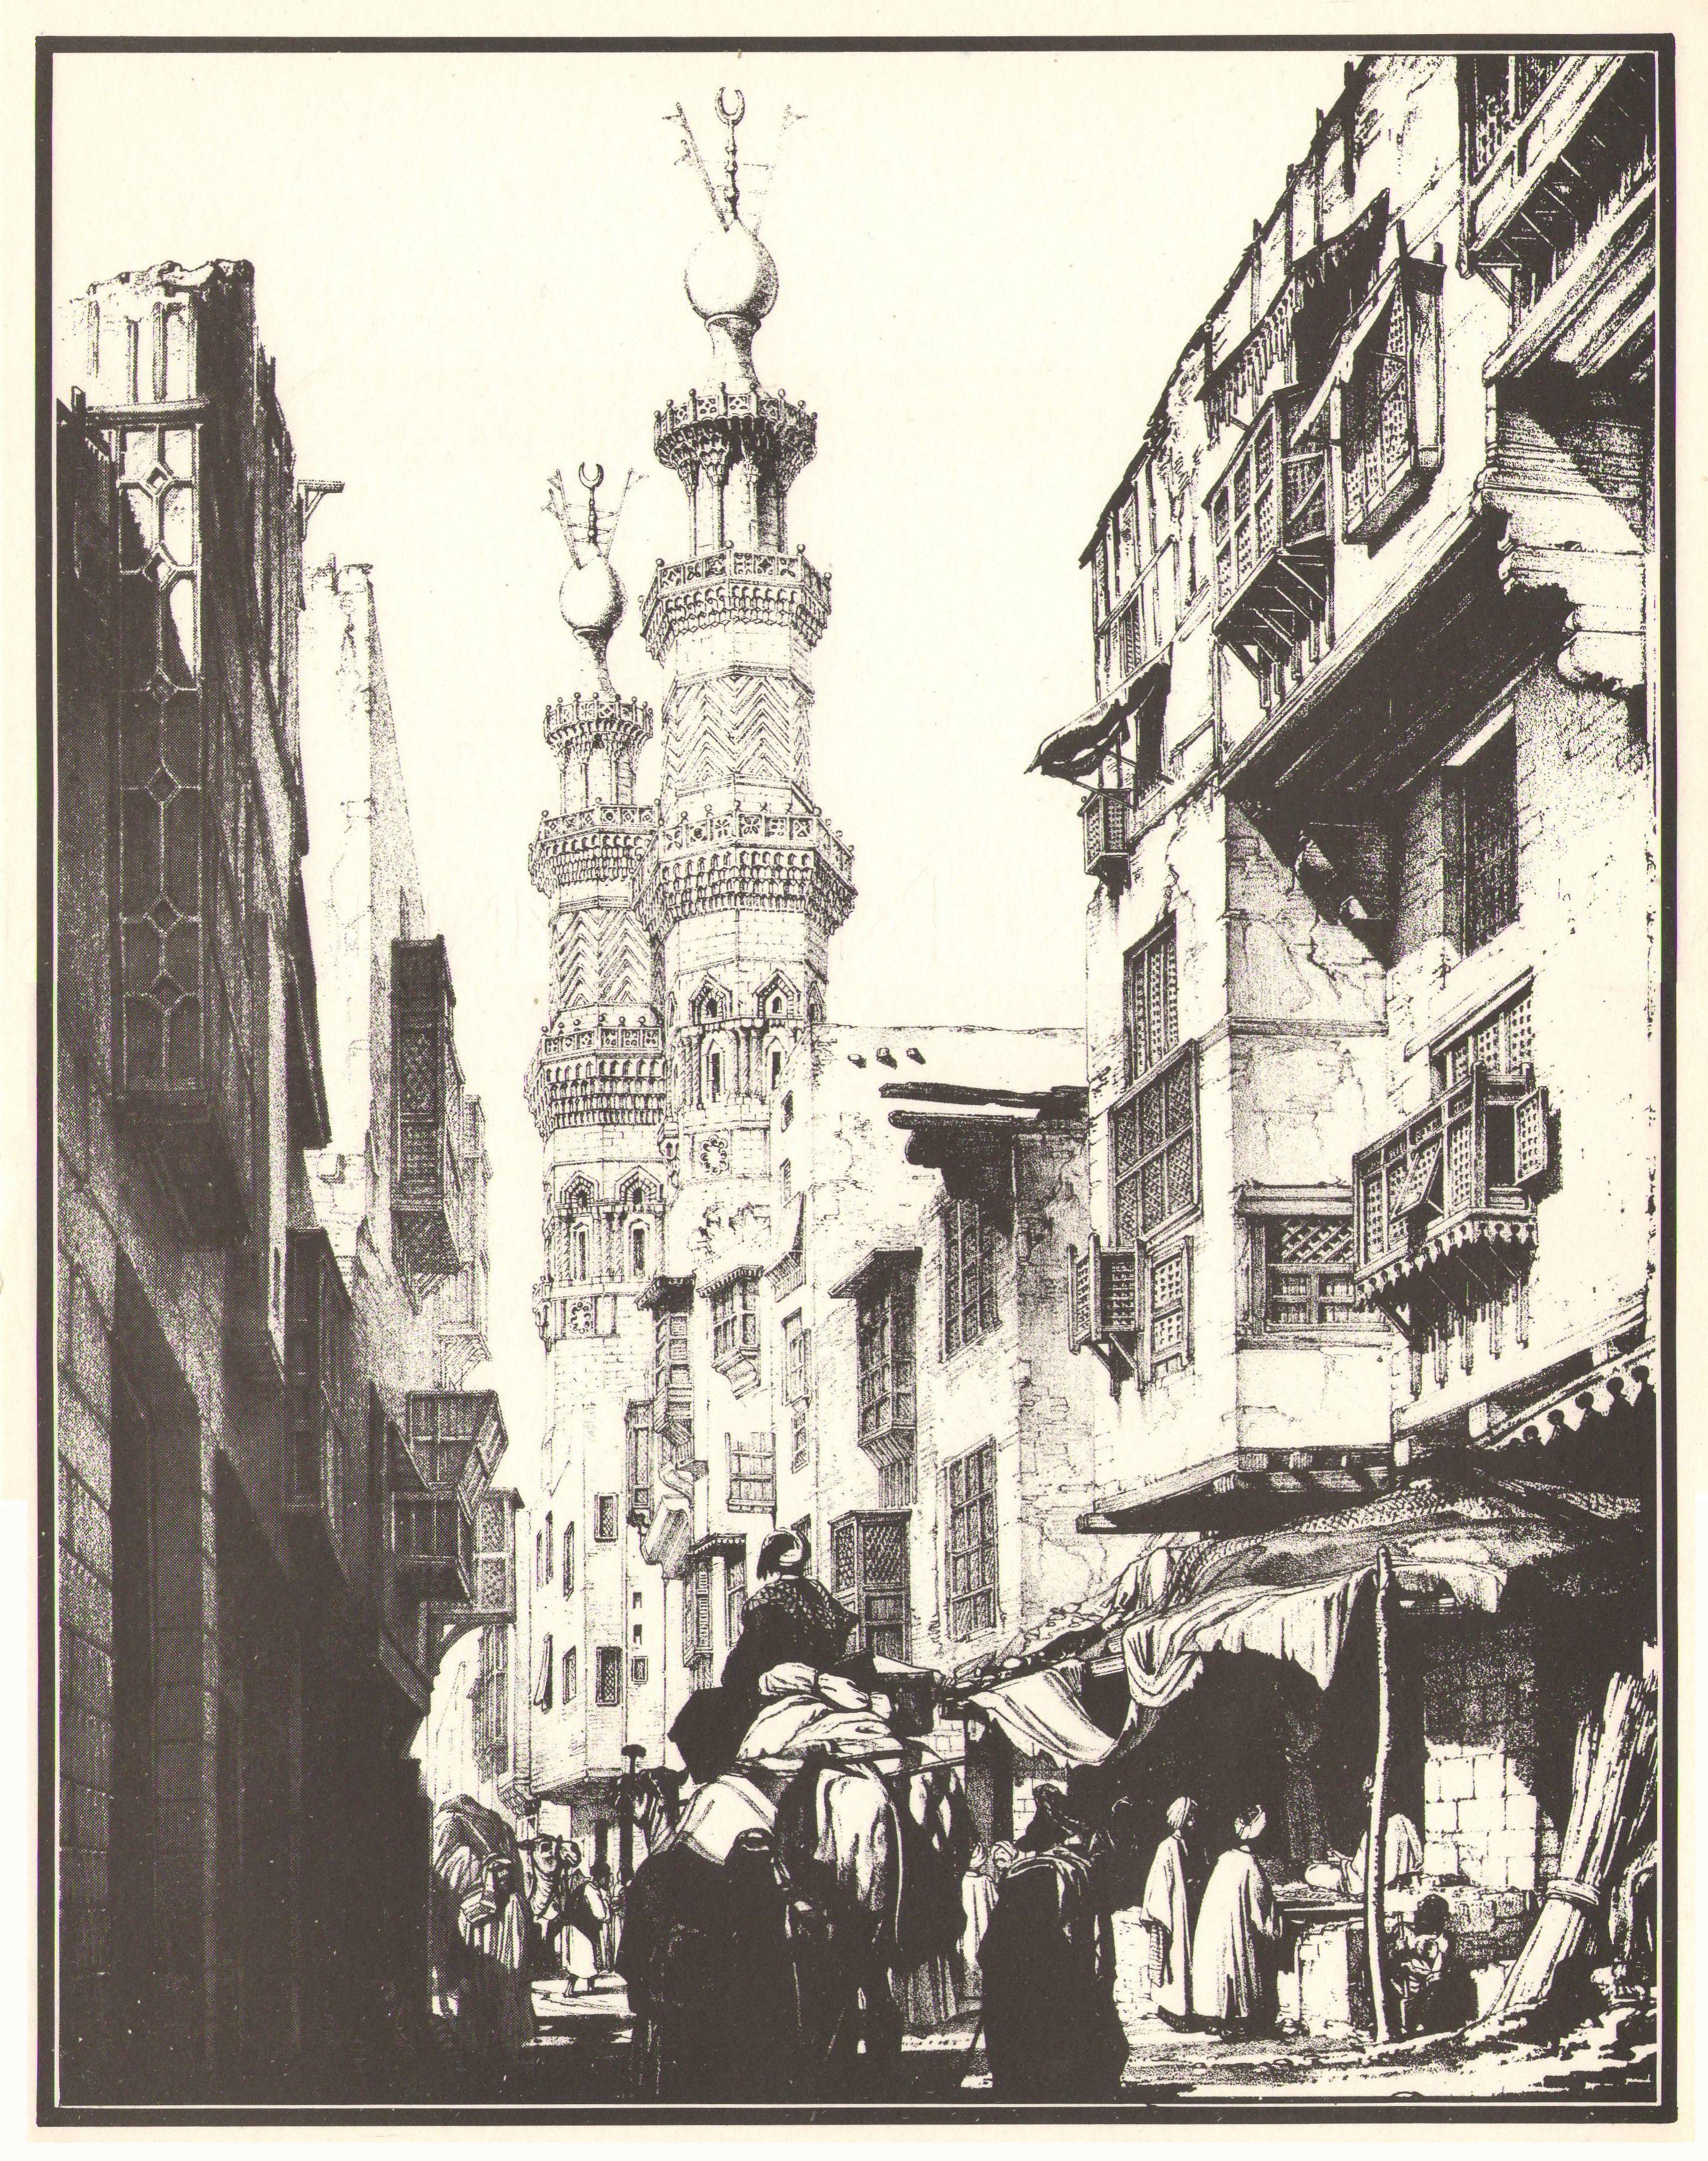 B - Bab Zuwayla